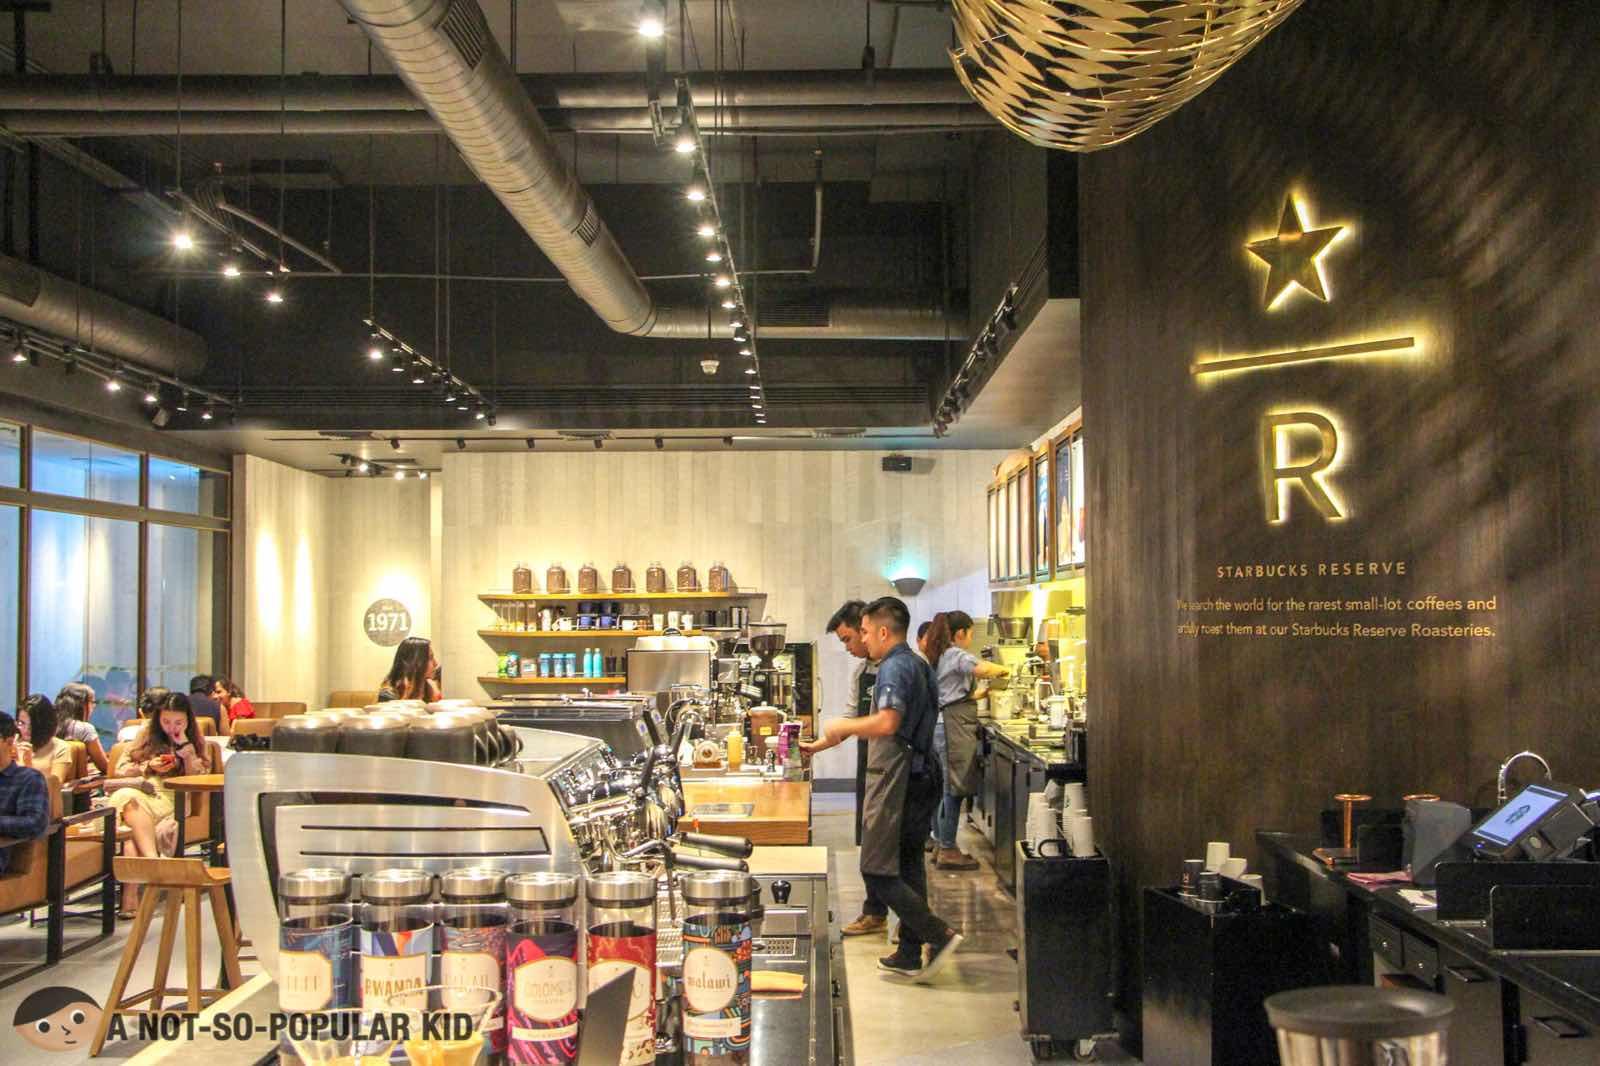 Starbucks Reserve in Valero, Makati